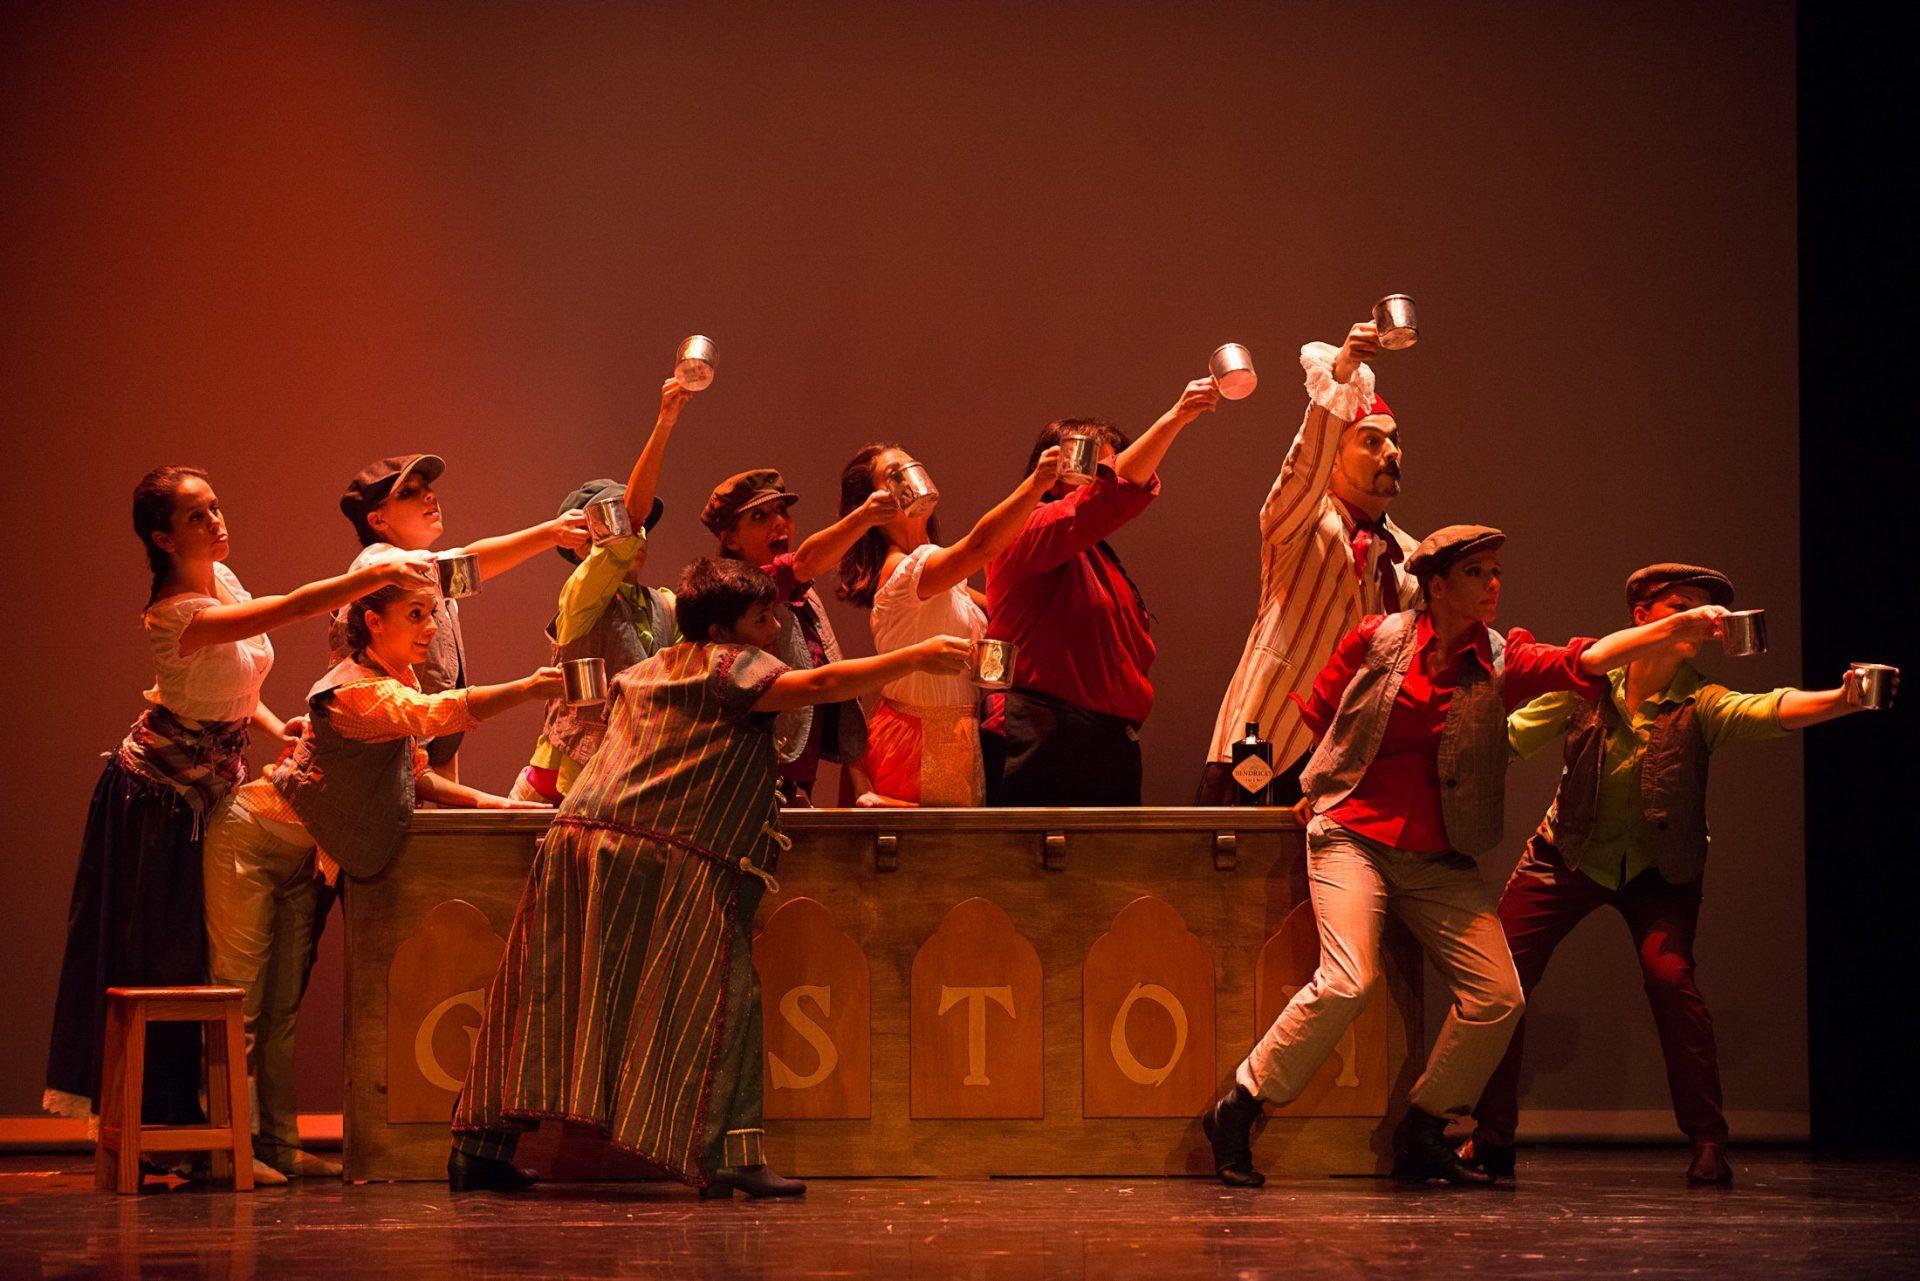 Foto del alumnado del Centro de Danza Sandra Santa Cruz von tazas en las manos alrededor de una barra de madera que dice